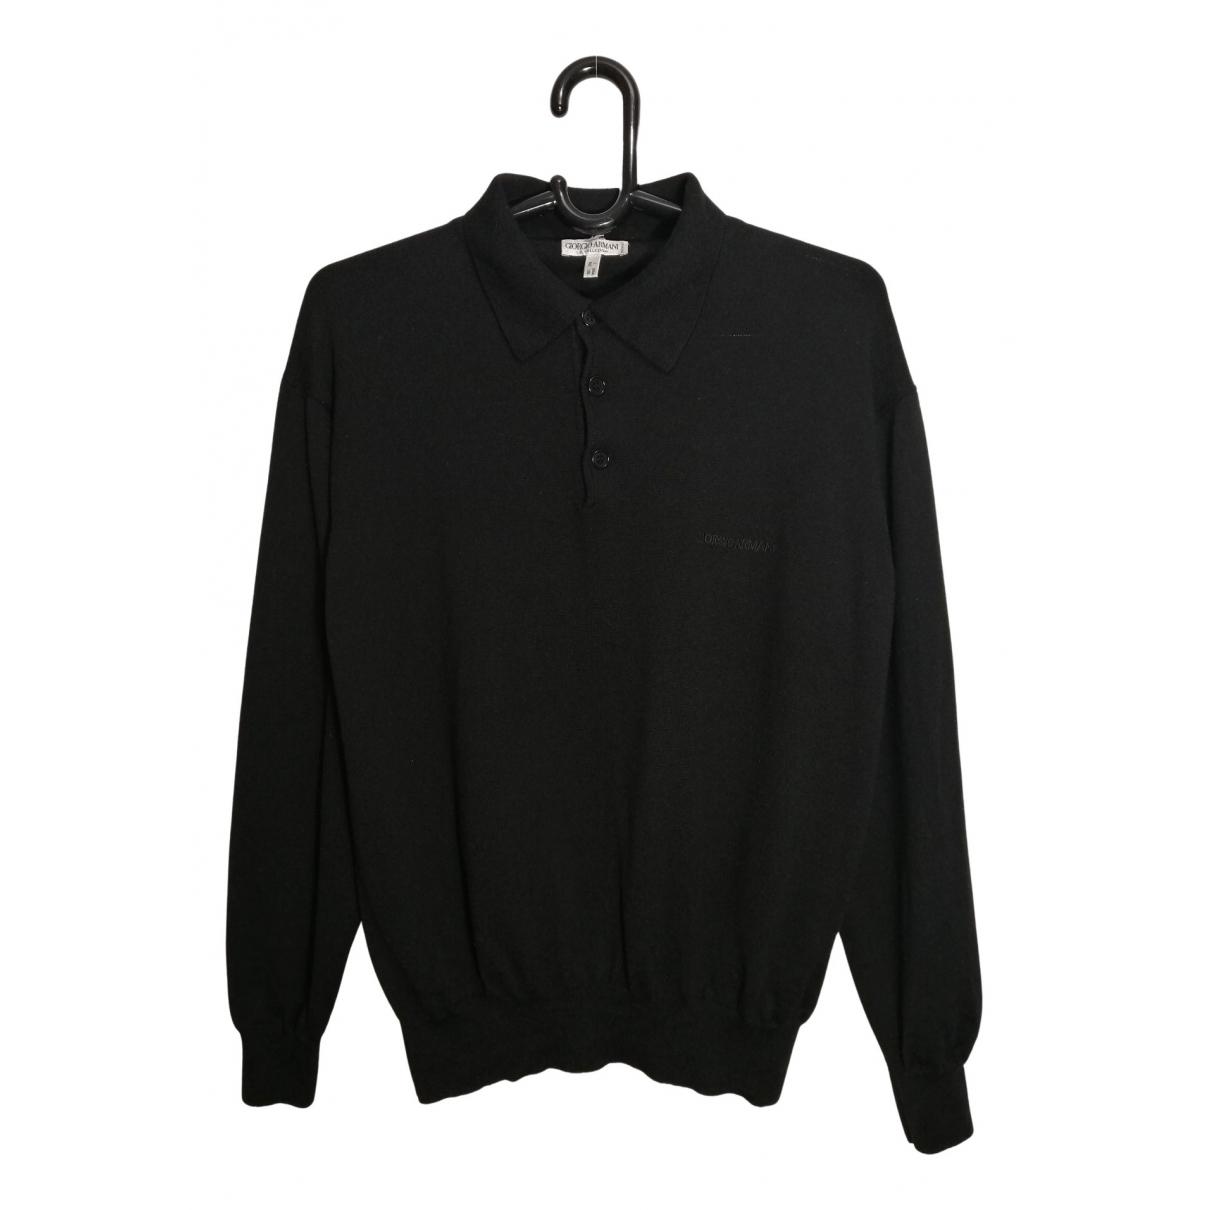 Giorgio Armani - Pulls.Gilets.Sweats   pour homme en laine - noir